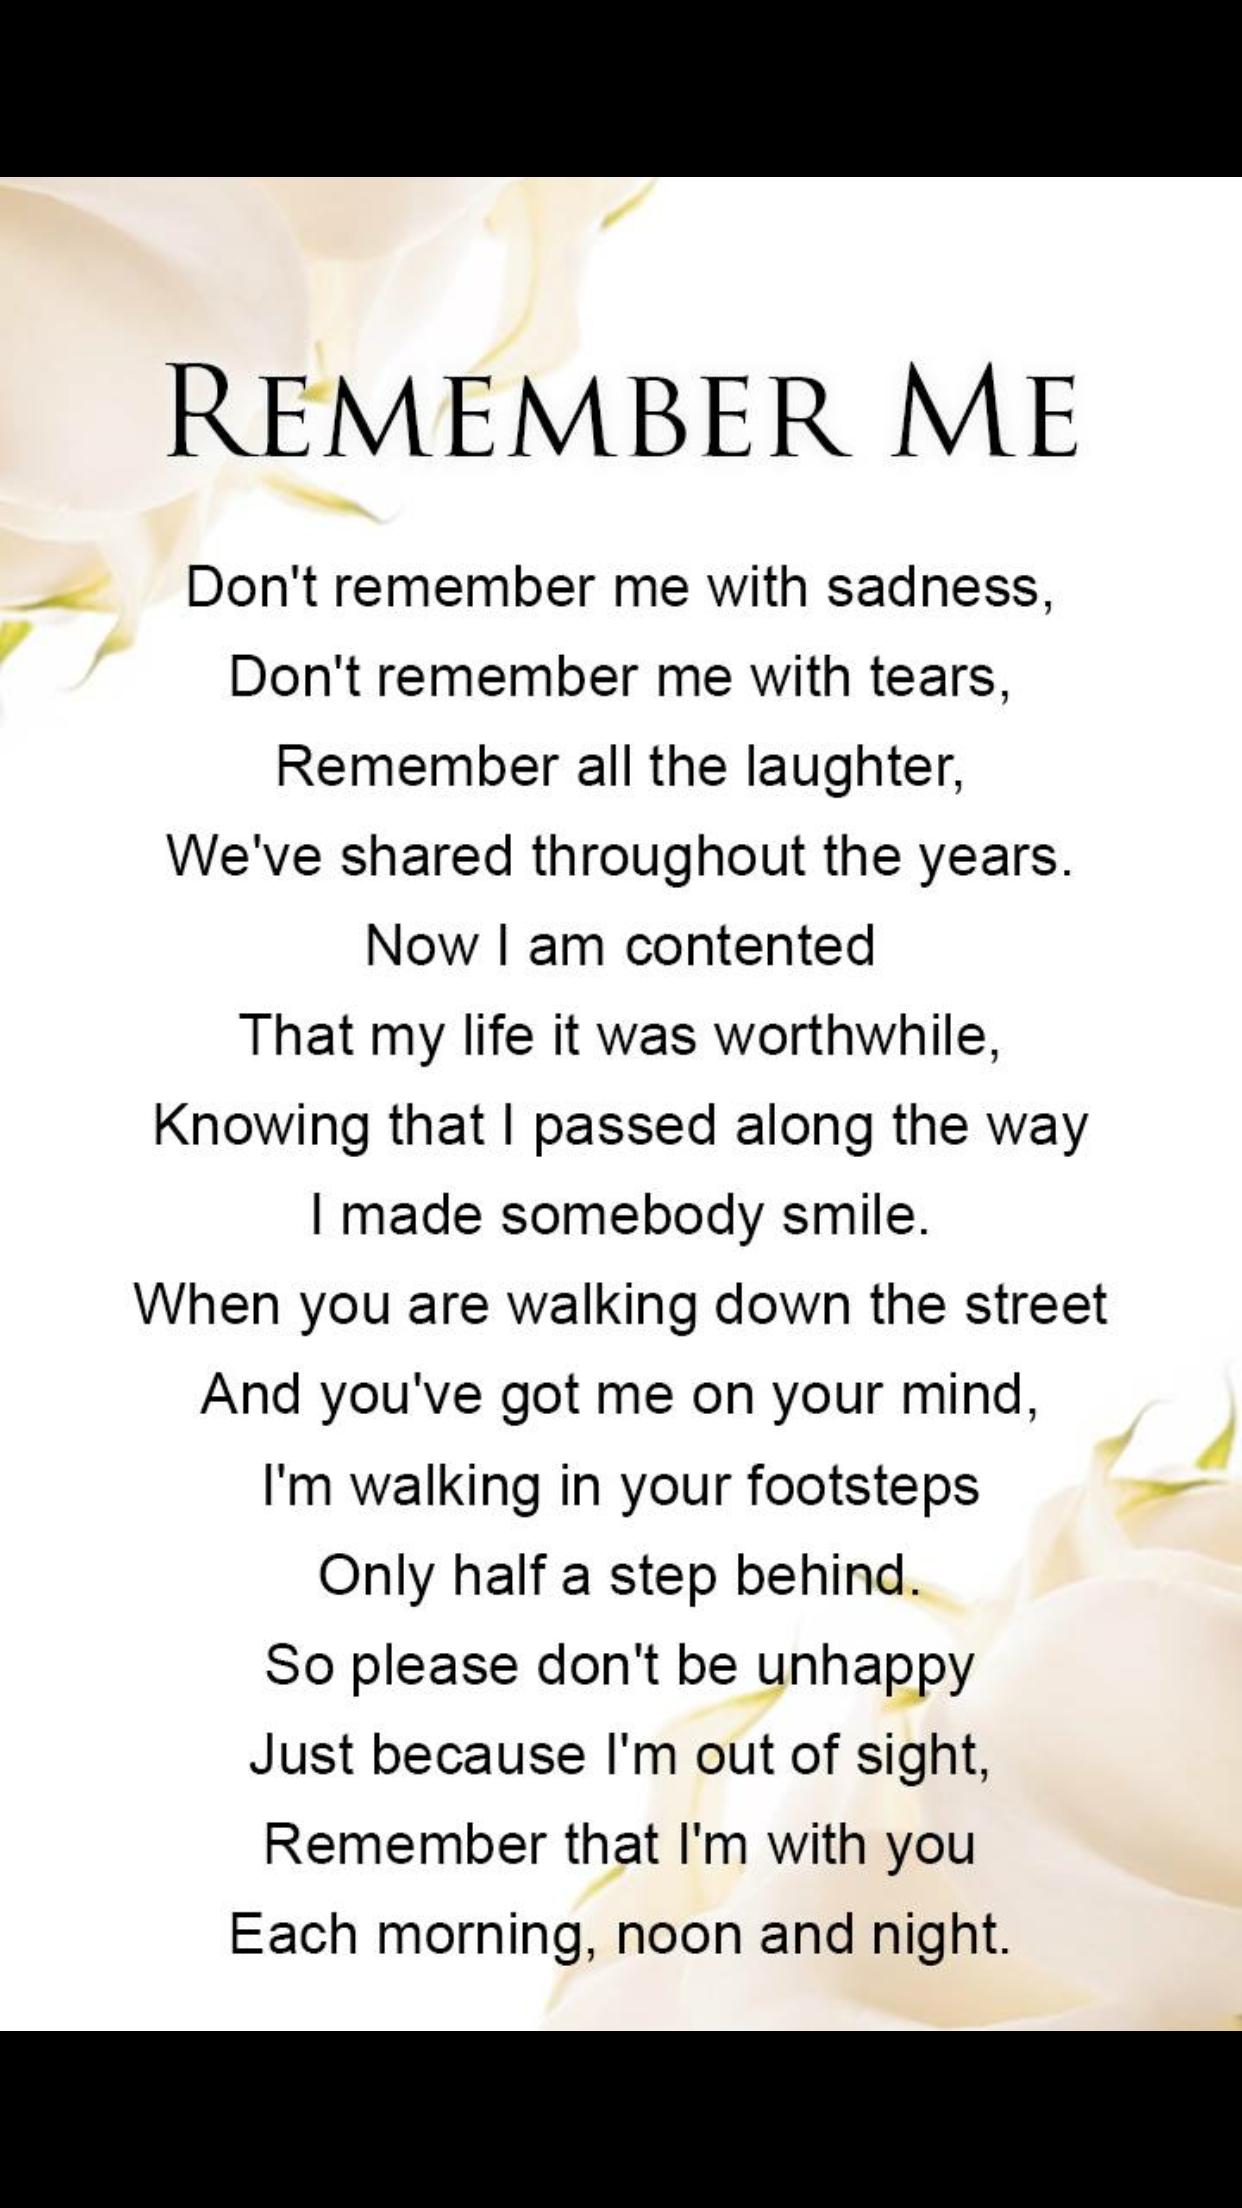 Een Inspirerende Tekst Je Kan Steunen Bij Het Verlies